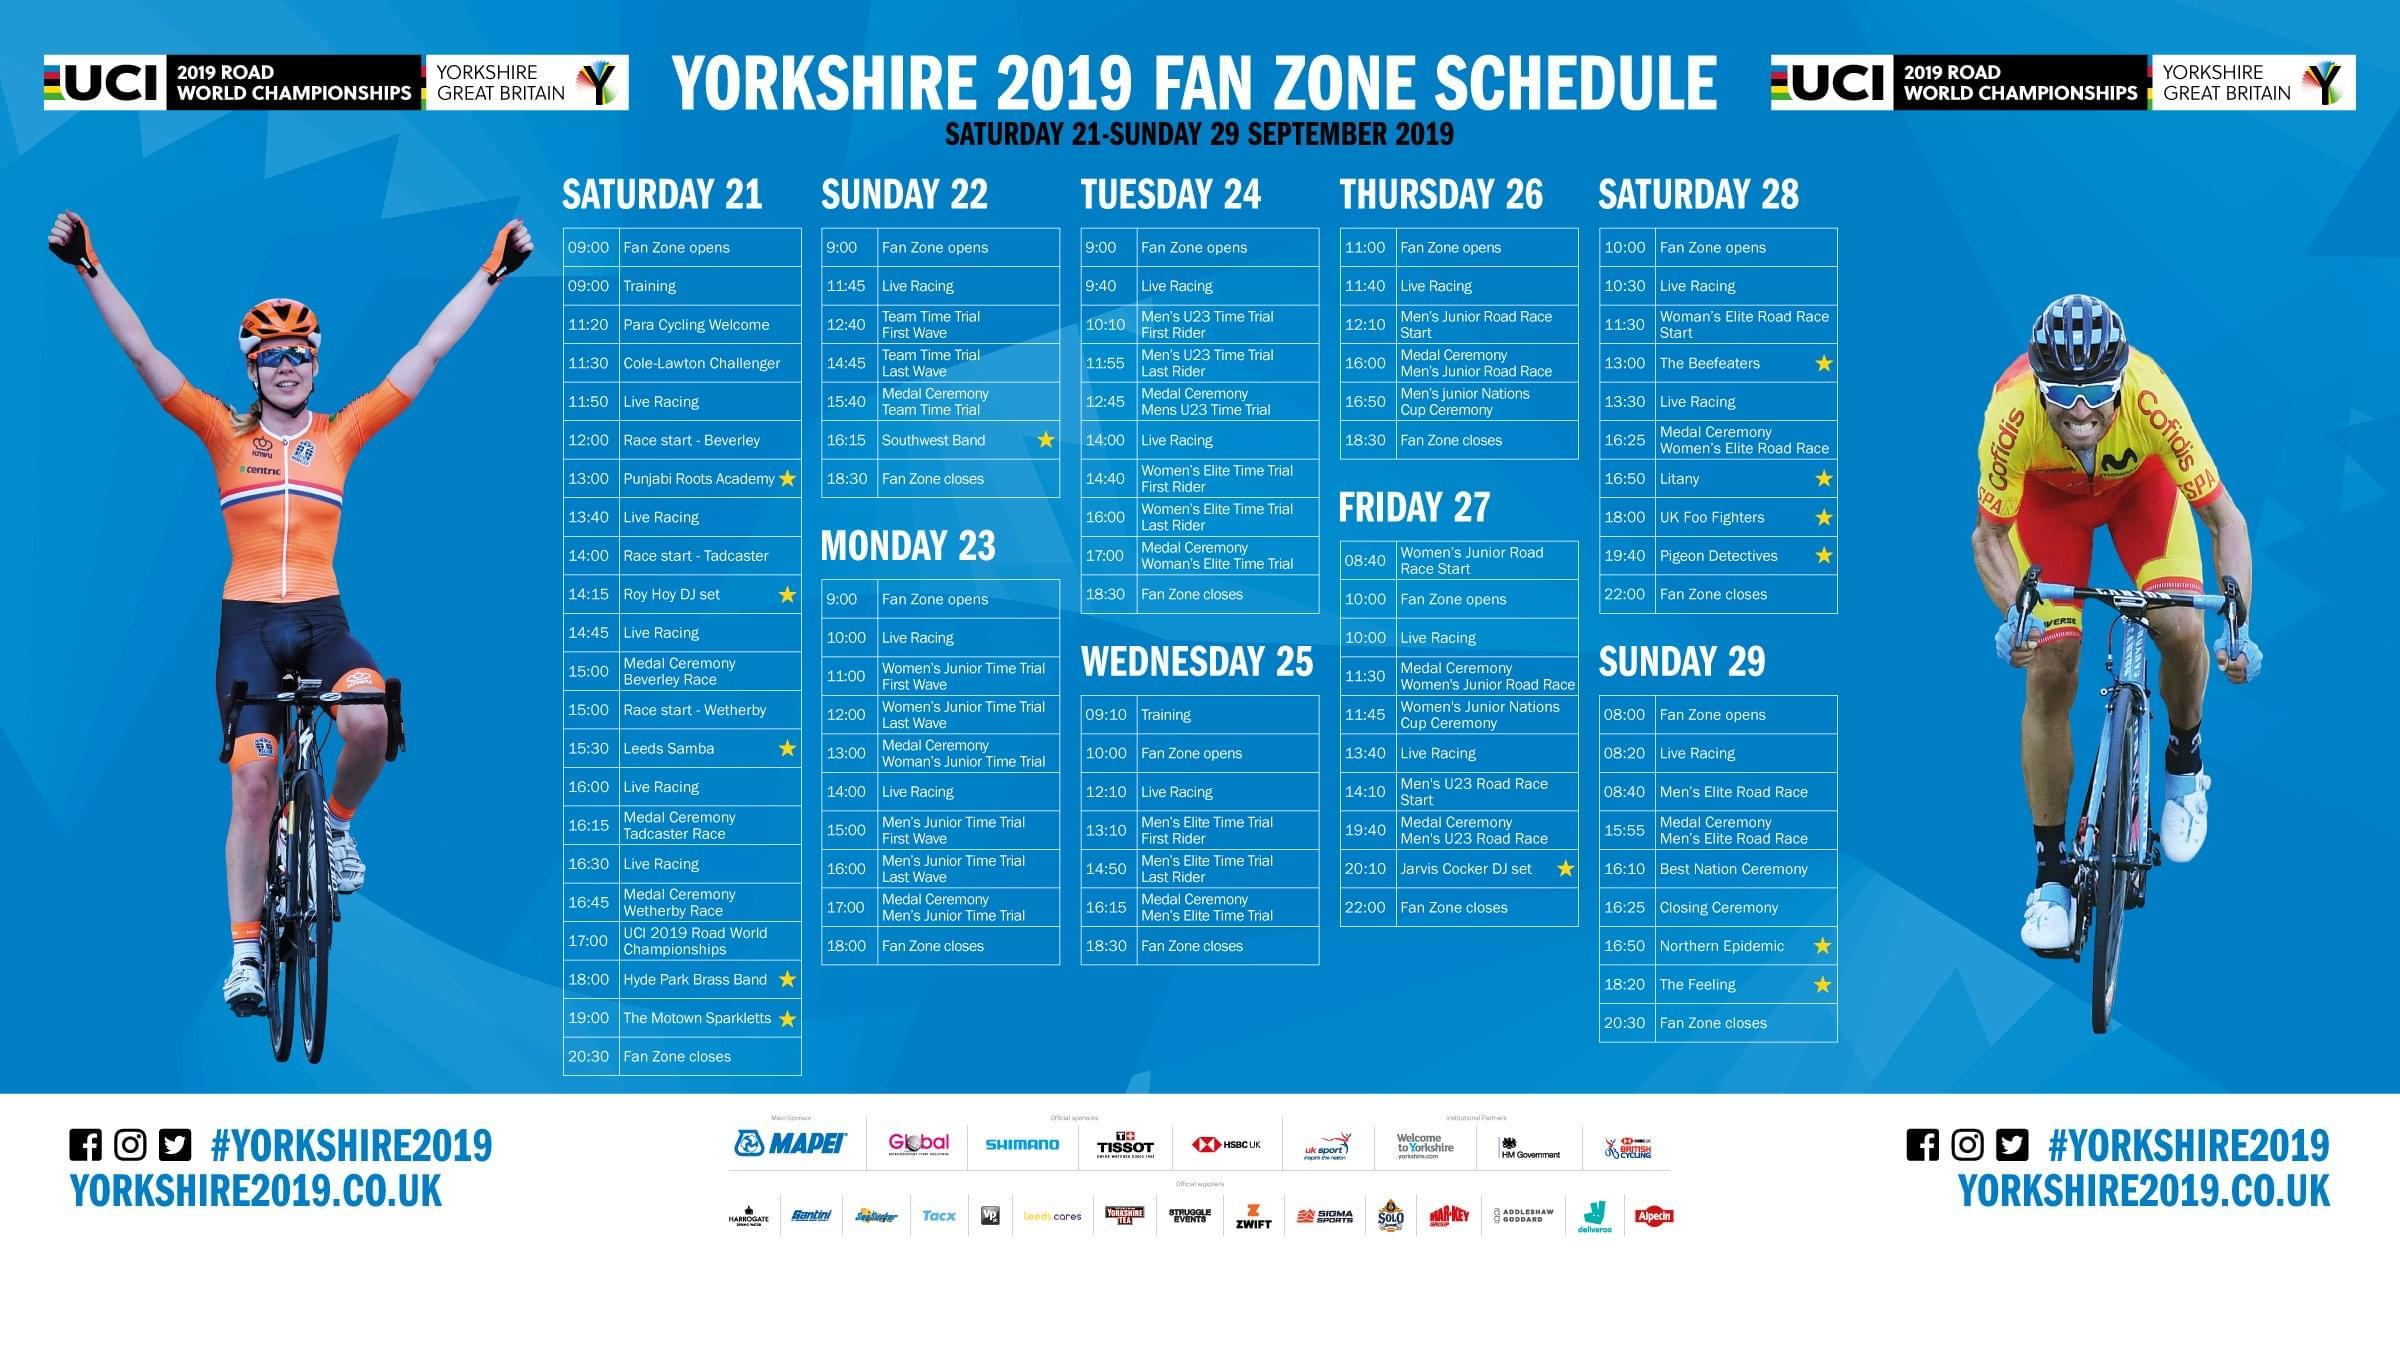 Convocatoria final de la Selección Española para el Mundial de Yorkshire 2019